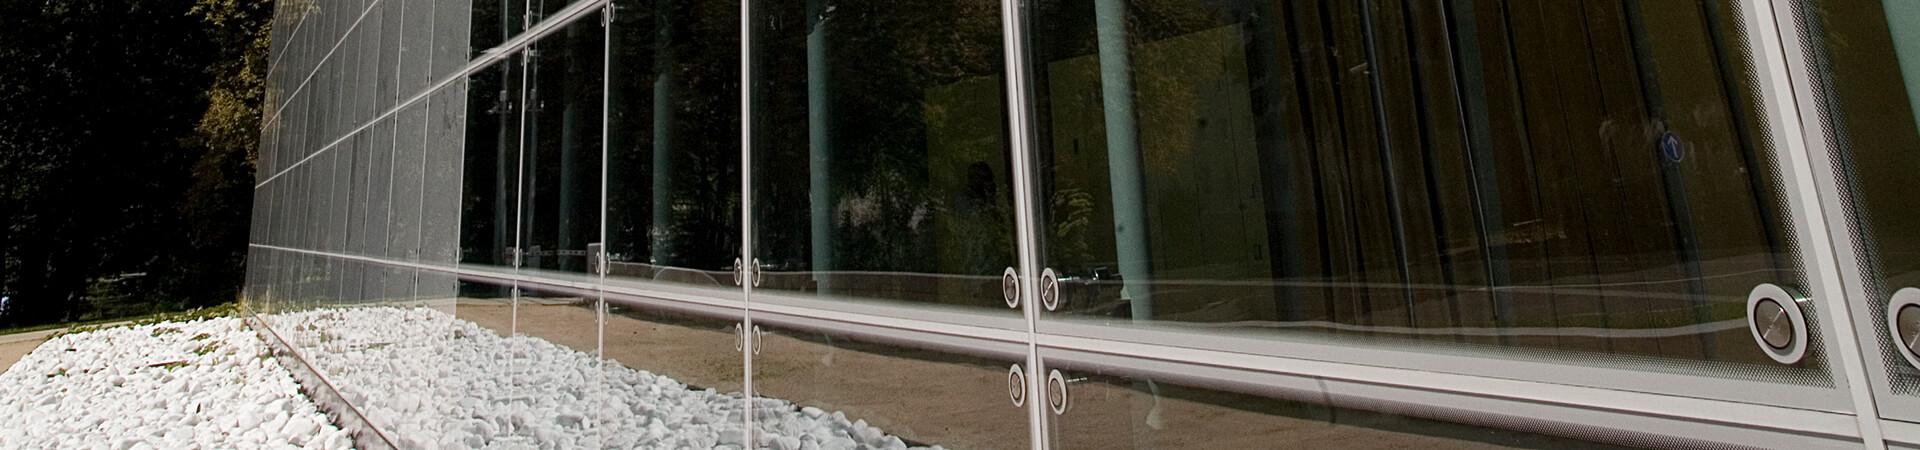 punkthalter spider glasverbinder glasbefestigungen von glassline. Black Bedroom Furniture Sets. Home Design Ideas